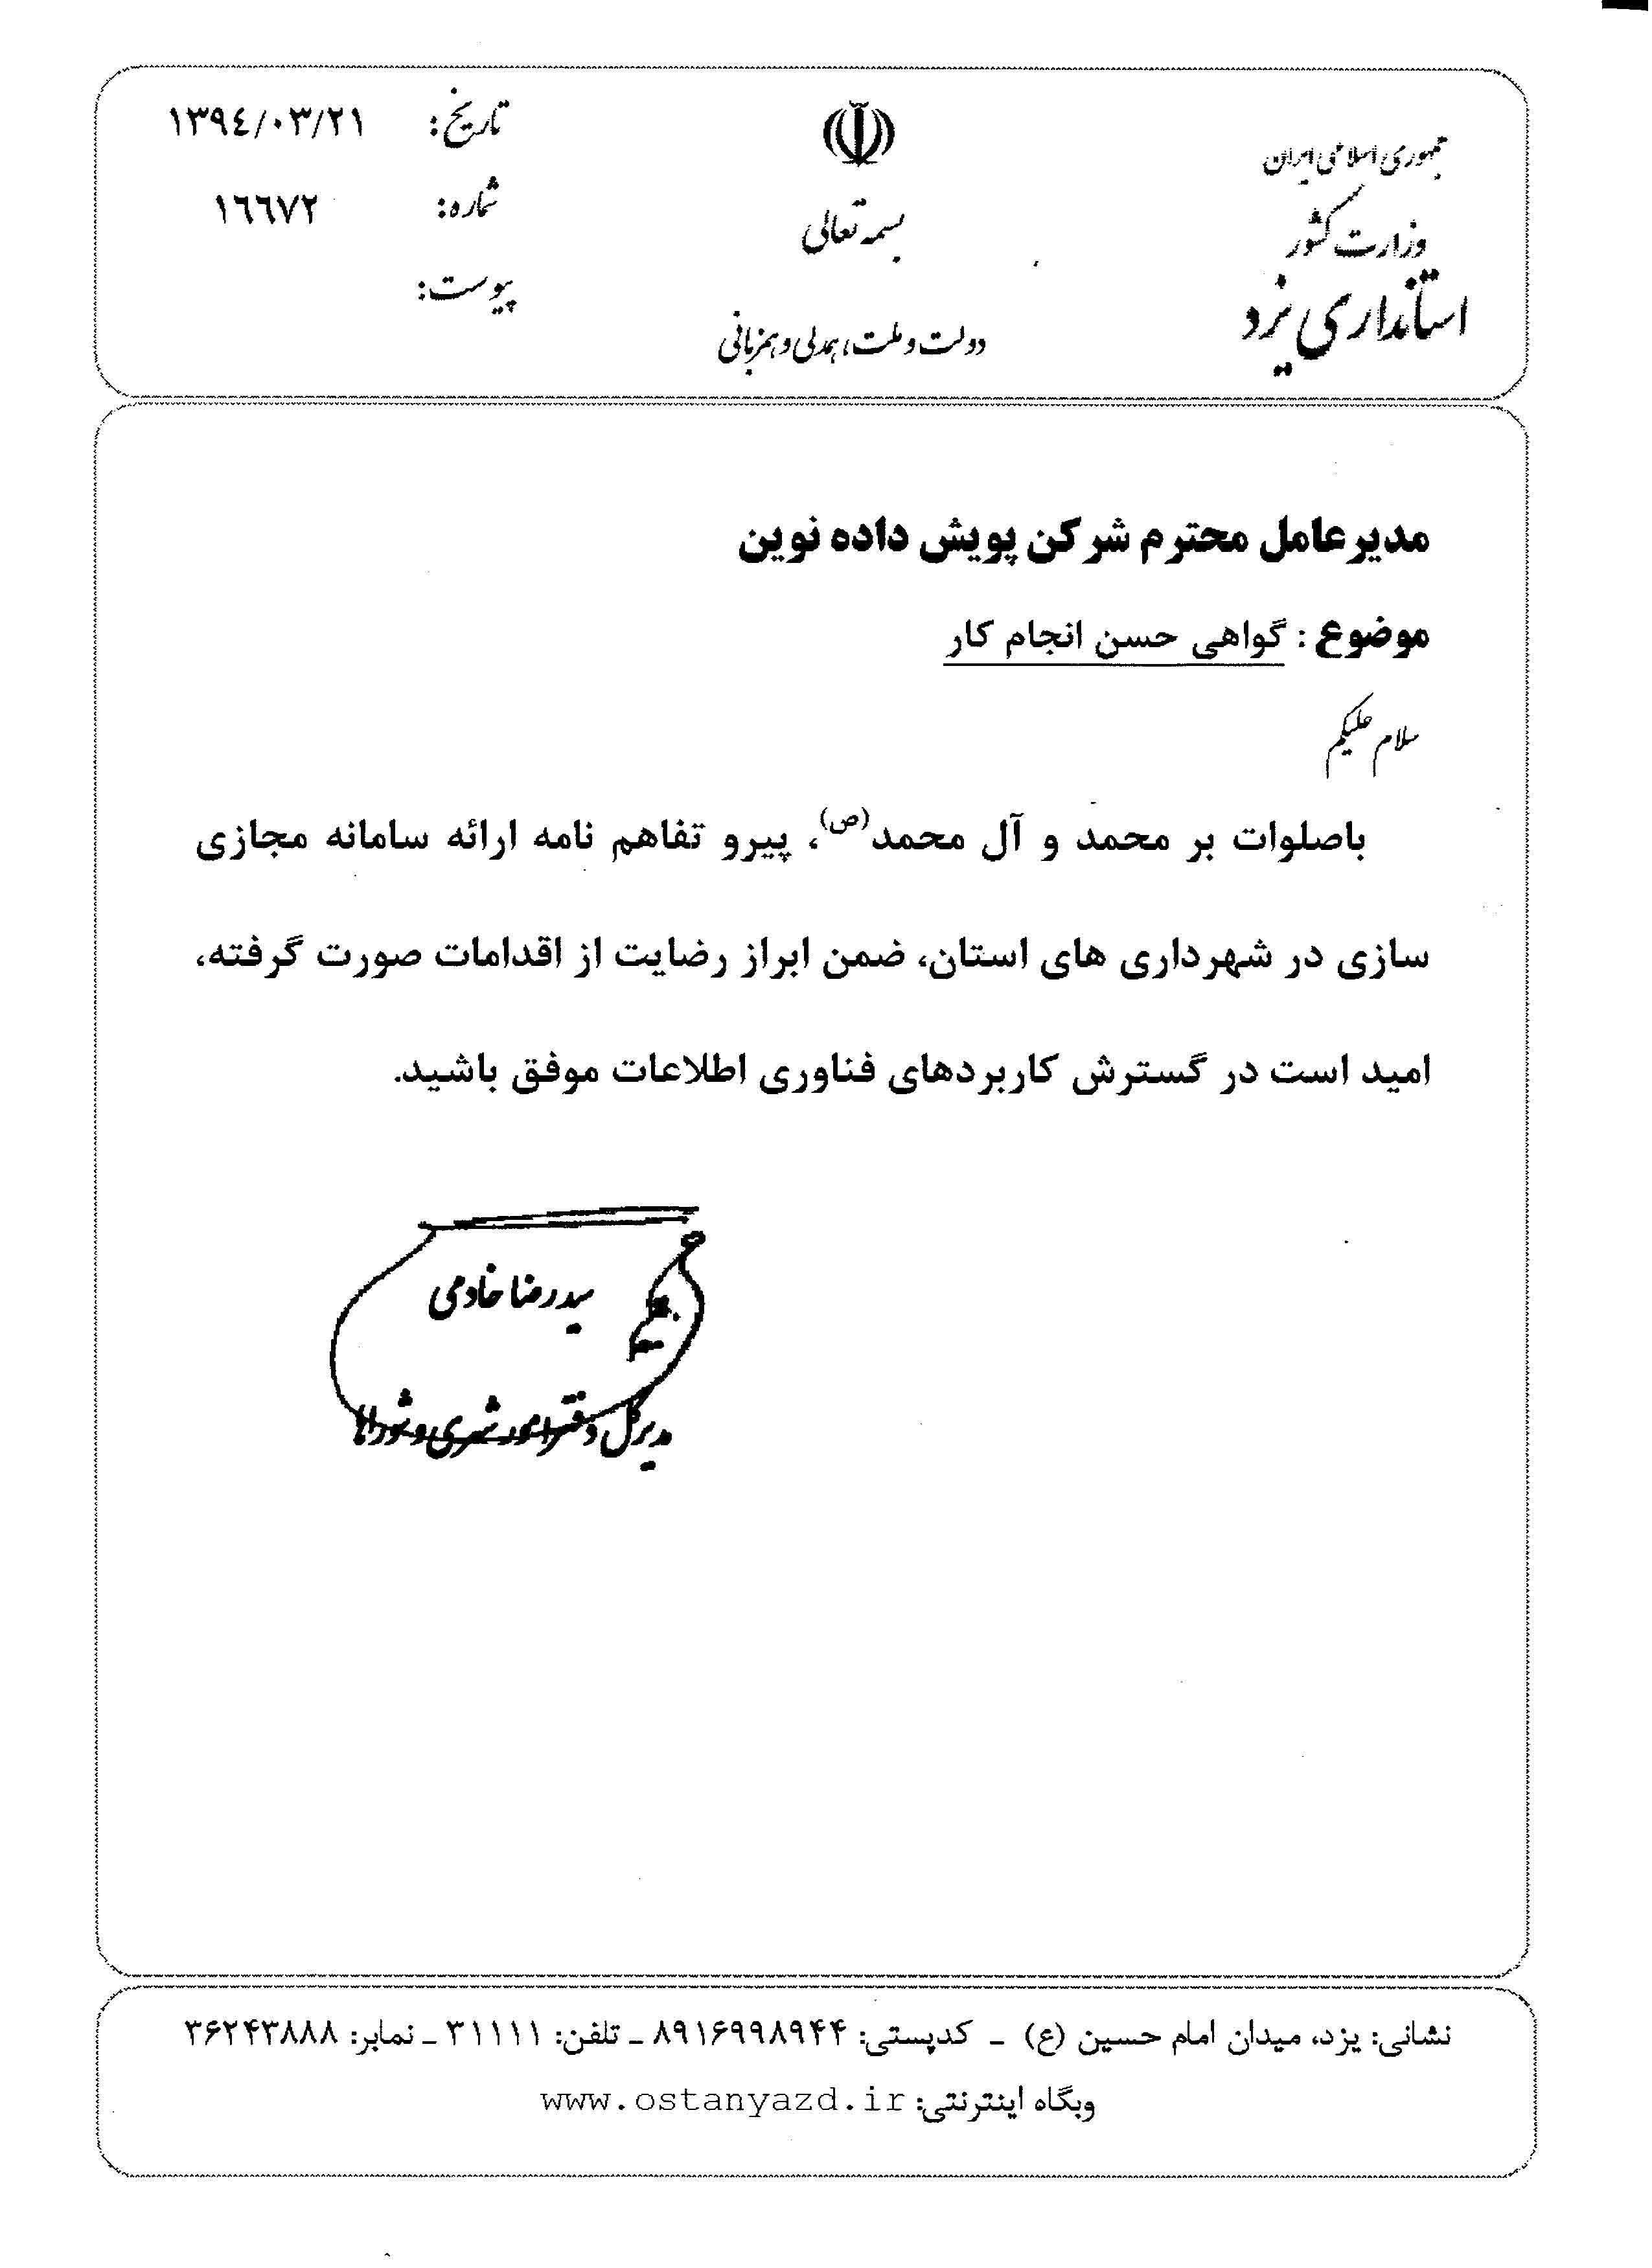 شهرداریهای استان یزد.jpg -